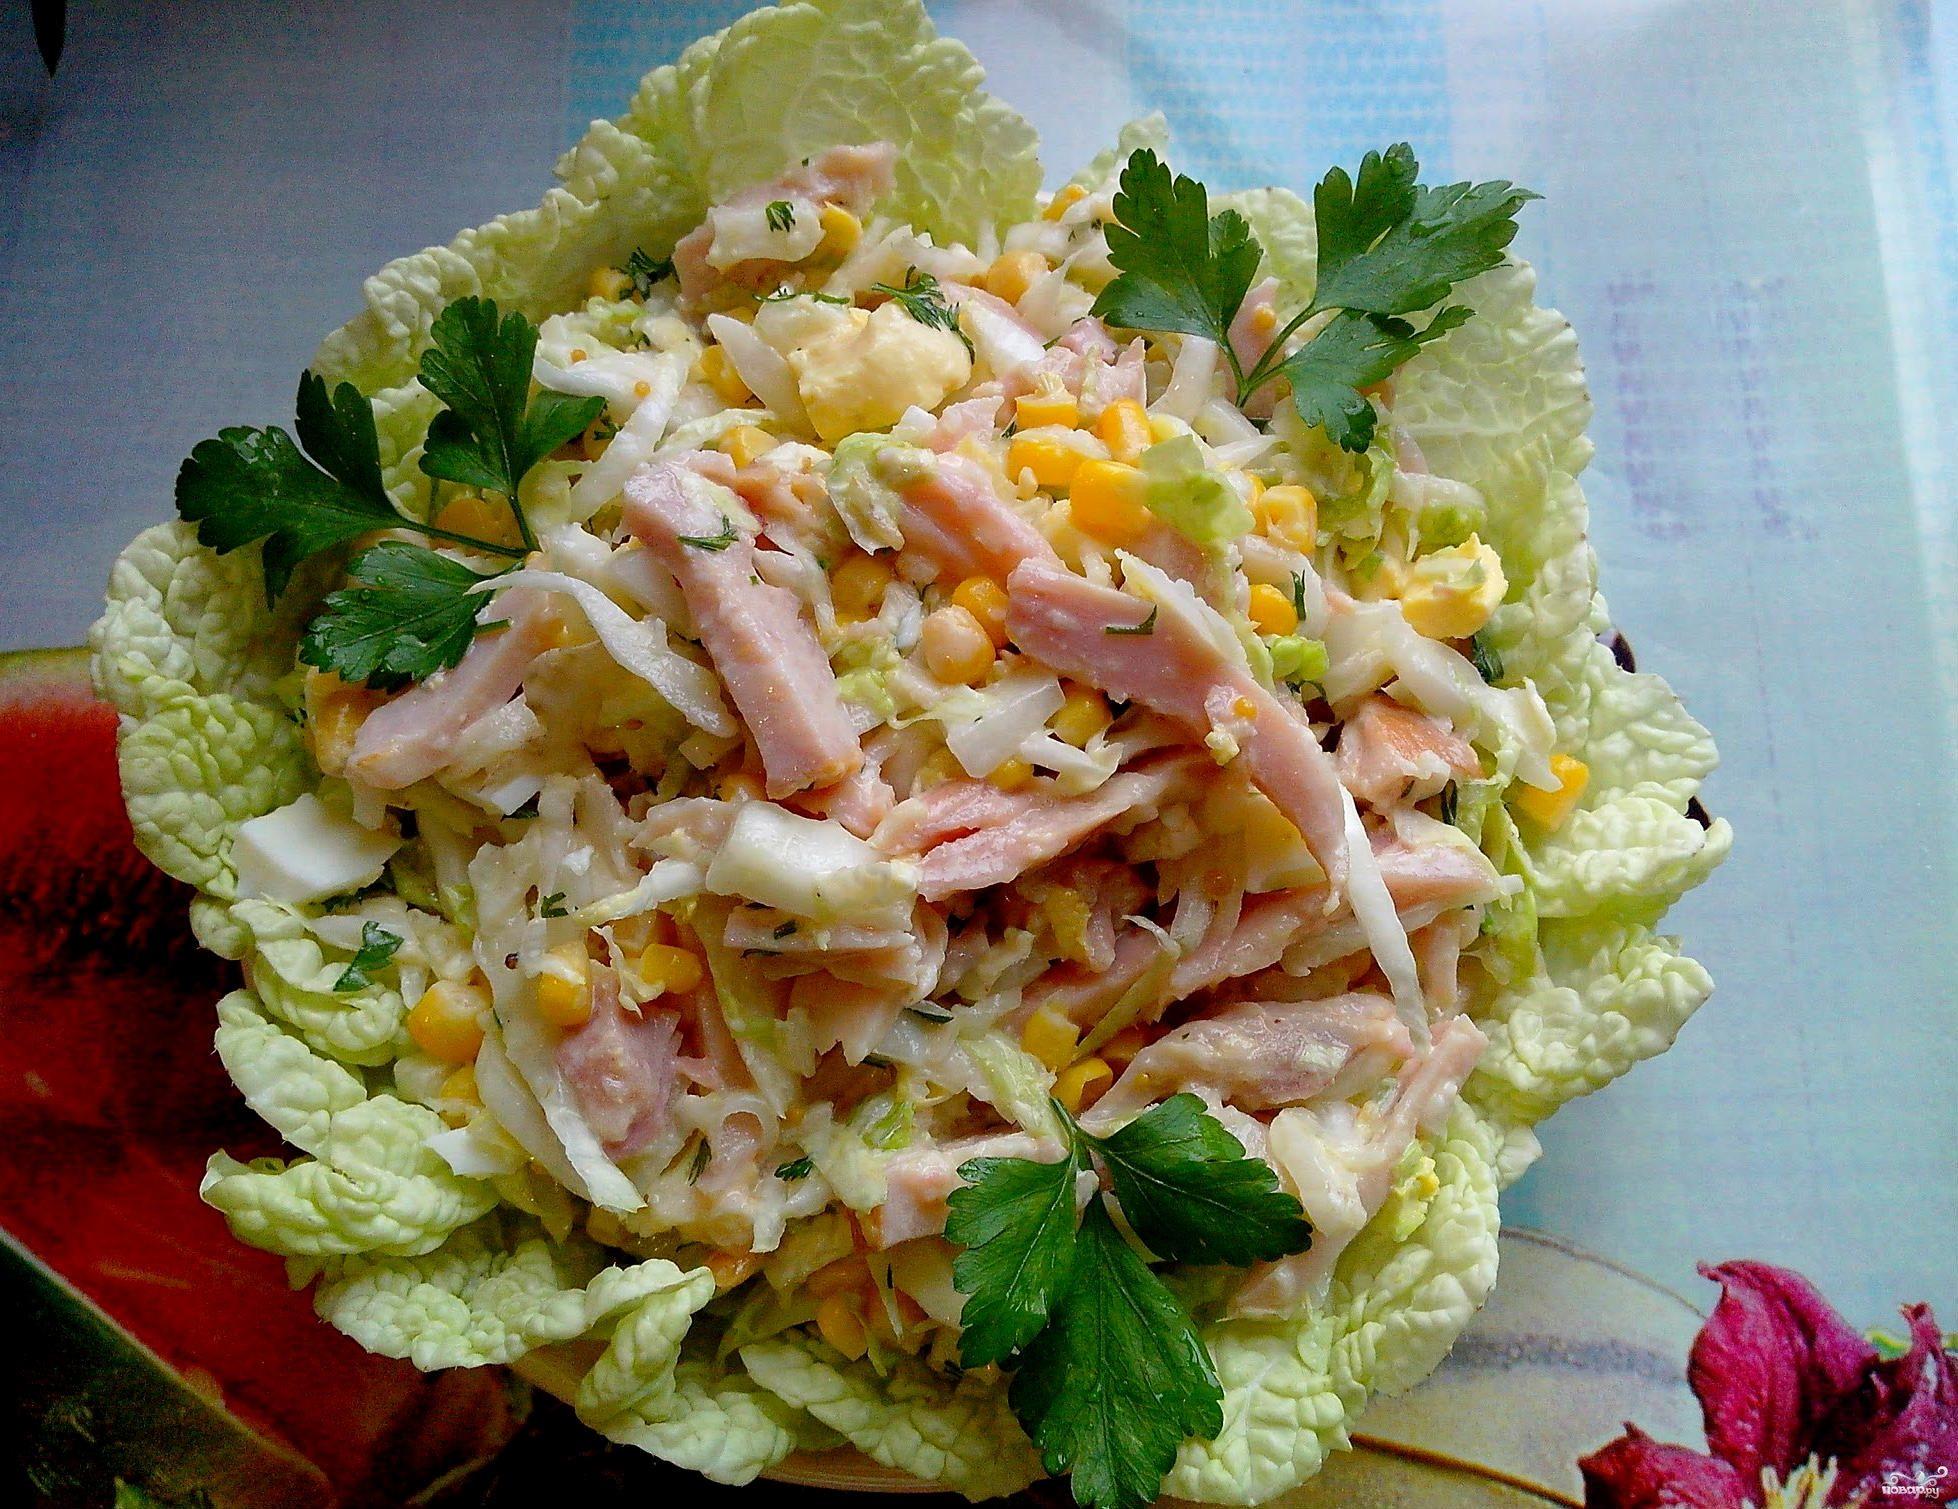 салат наполеон рецепт с курицей копченой и